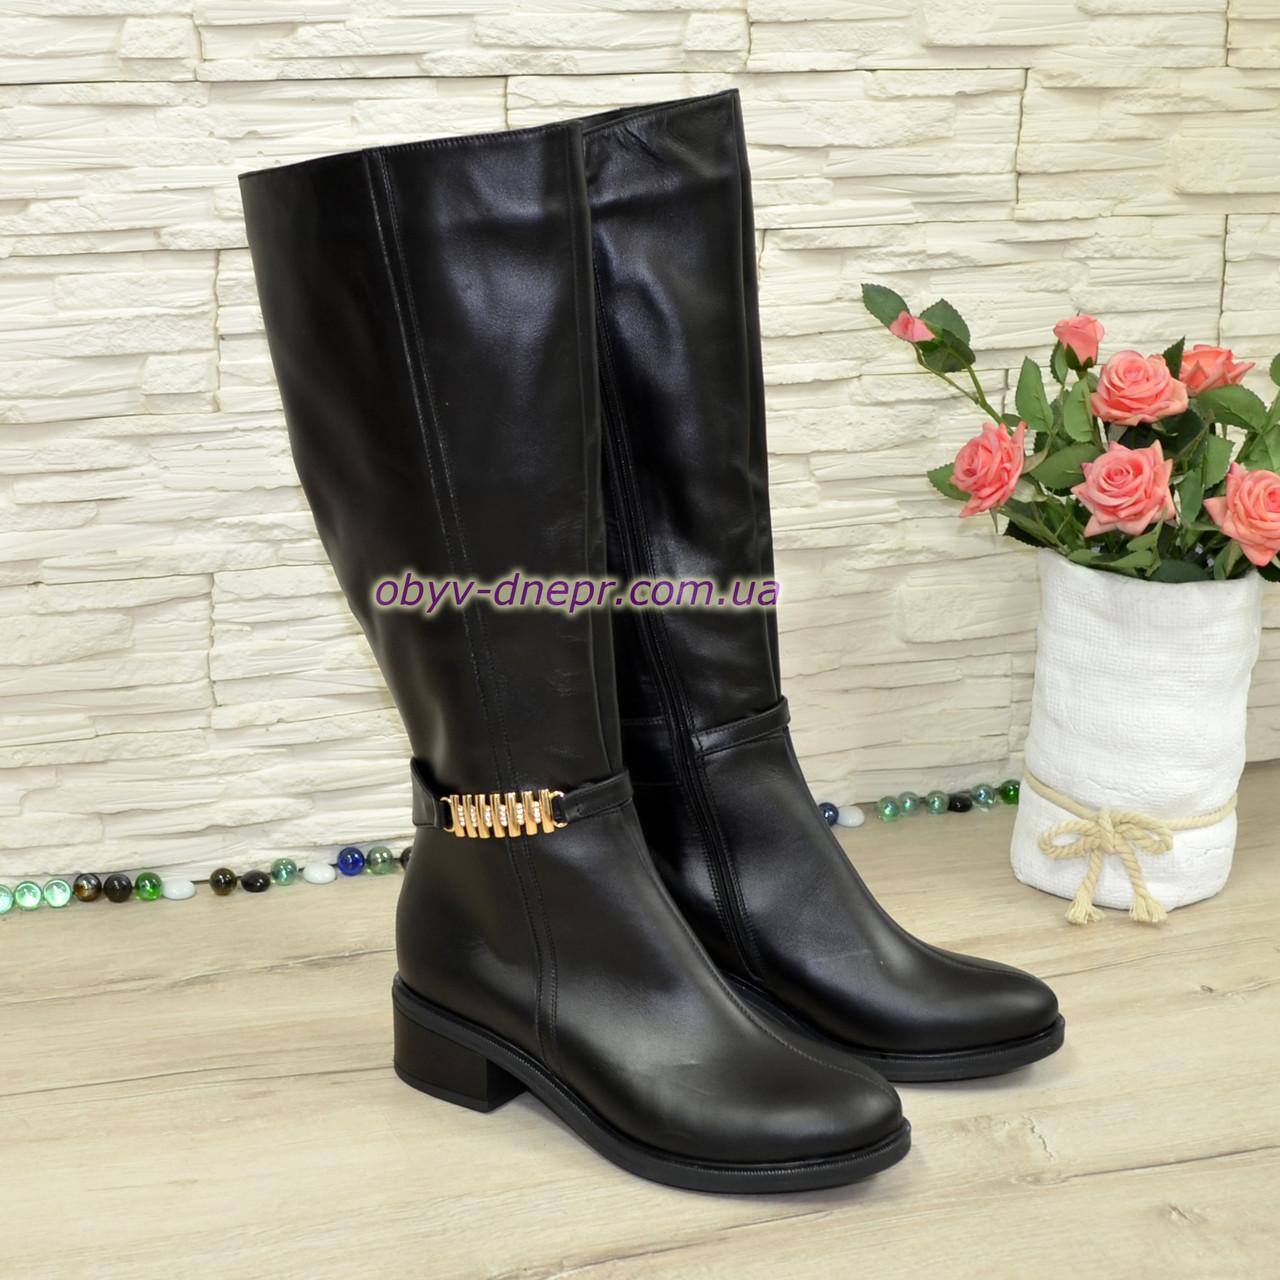 Высокие сапоги зимние кожаные на меху, декорированы лаковым ремешком с фурнитурой.